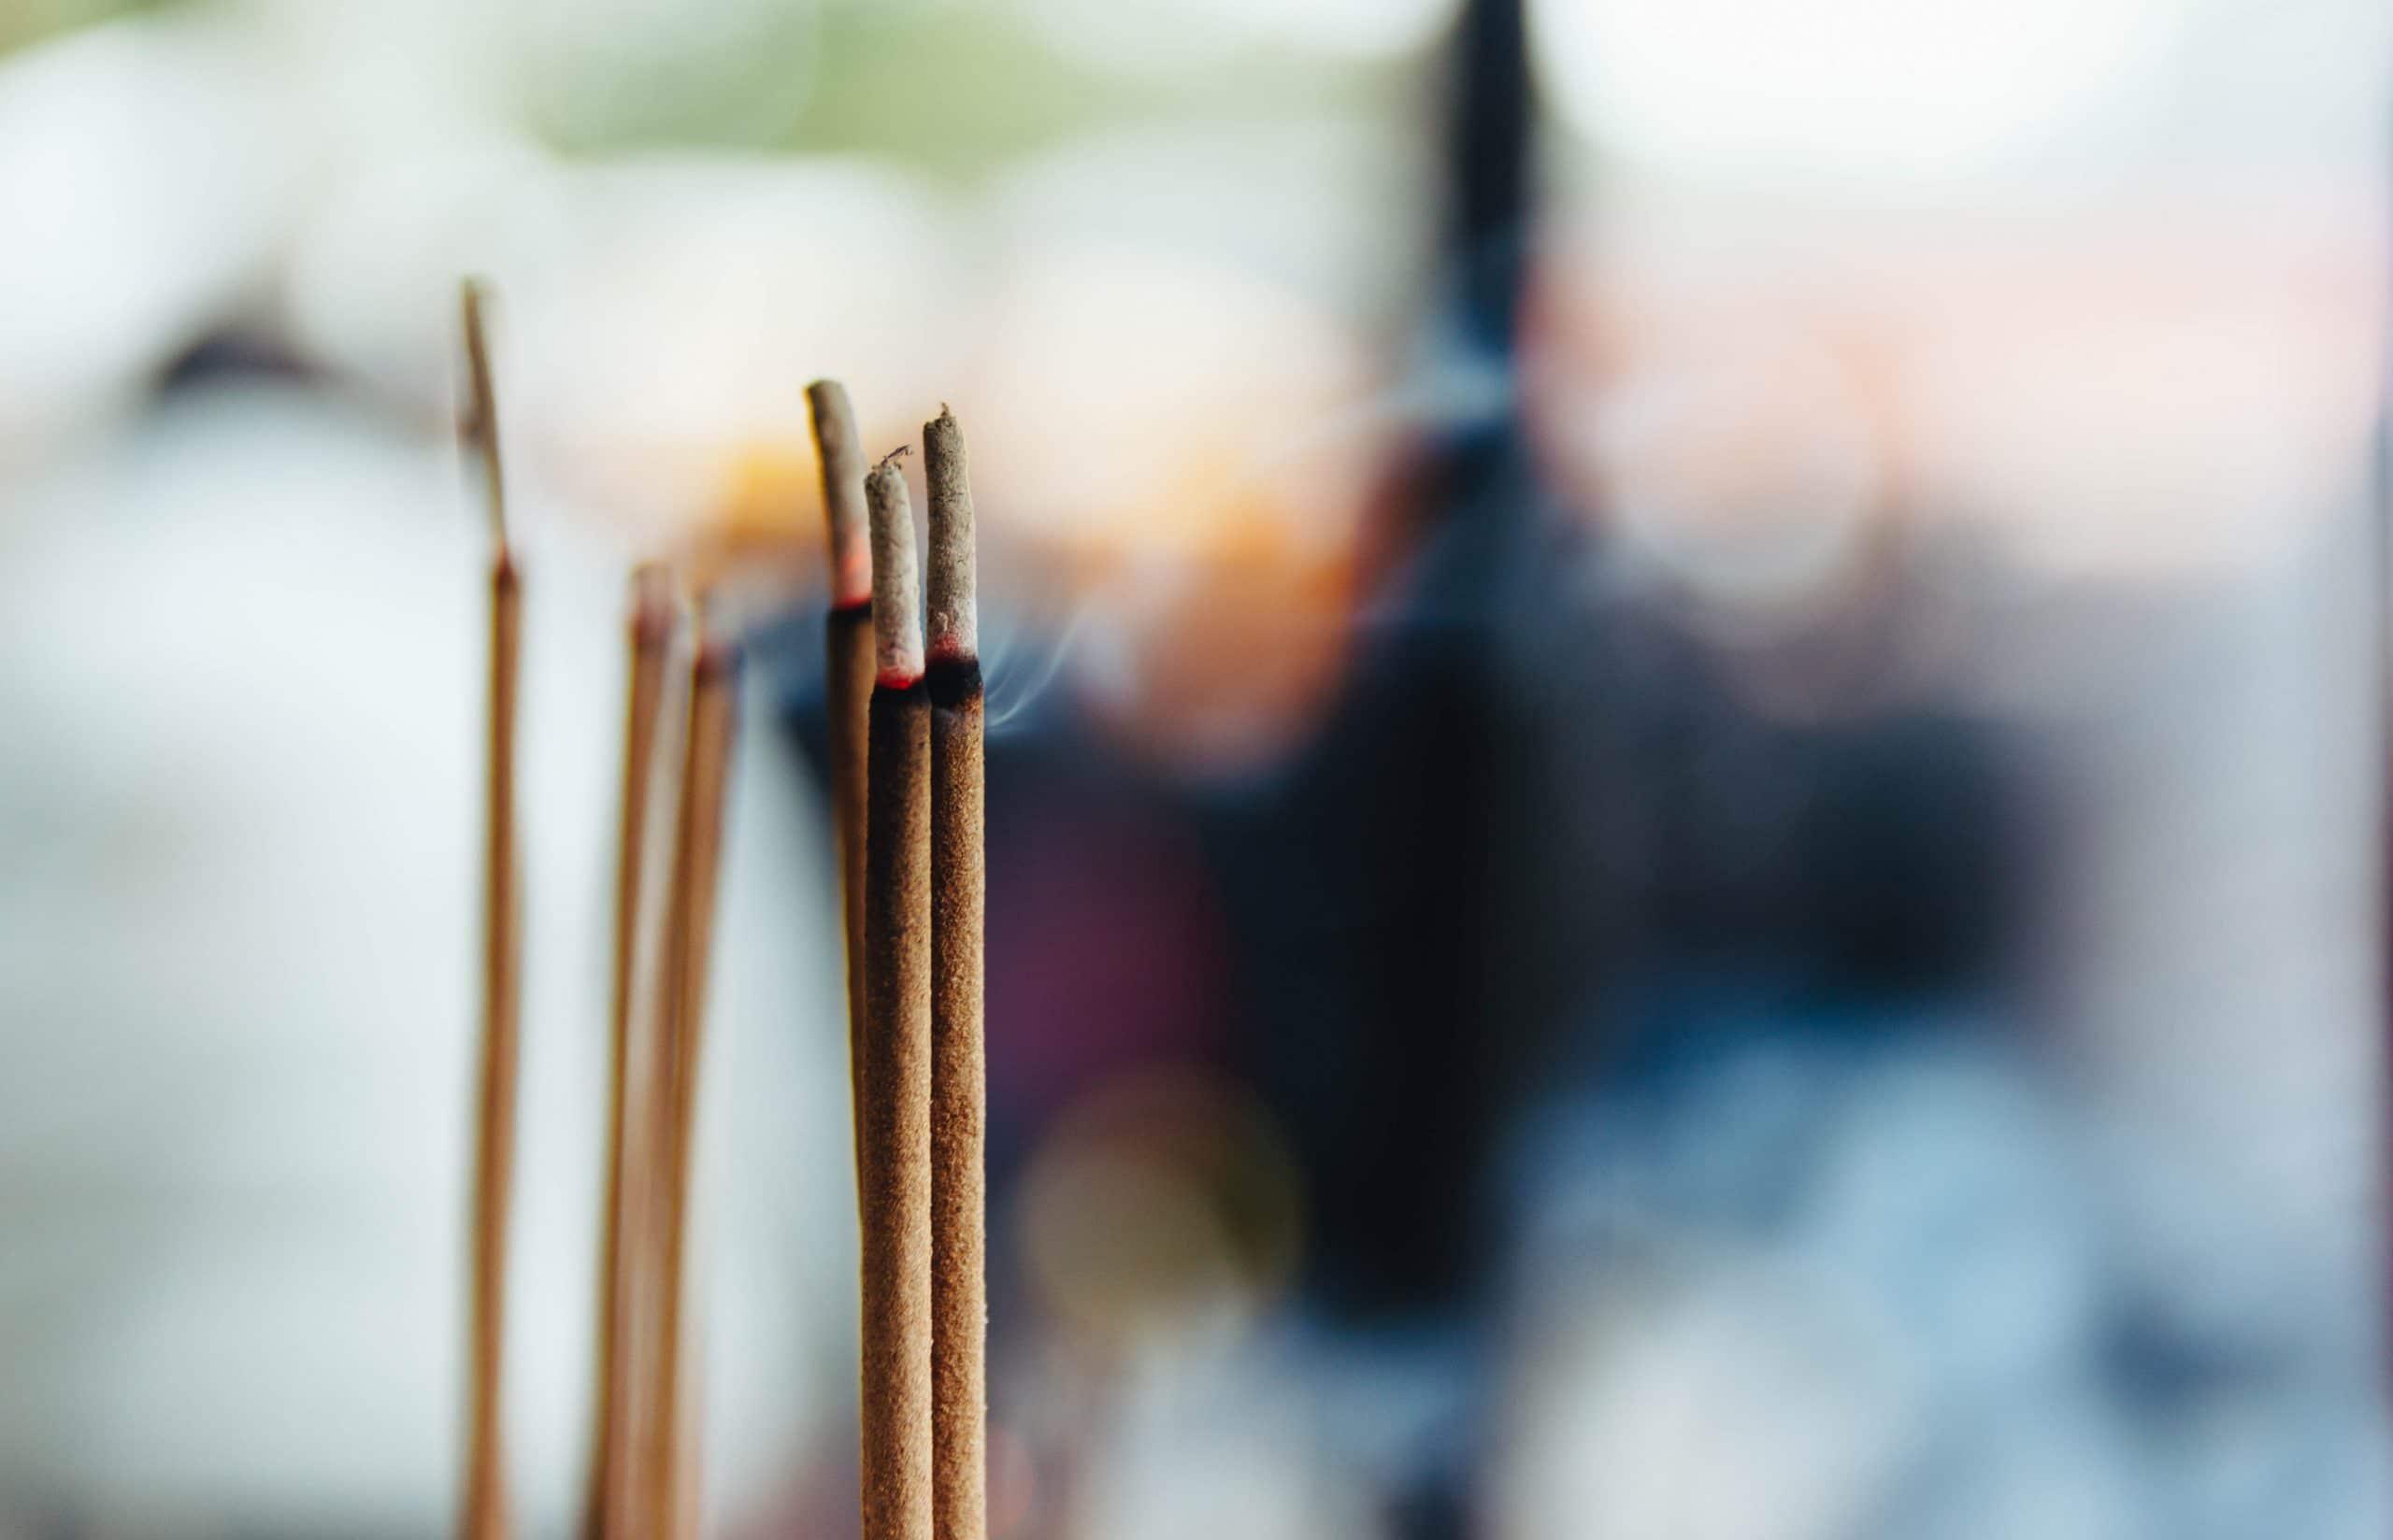 Pontas de incensos queimando